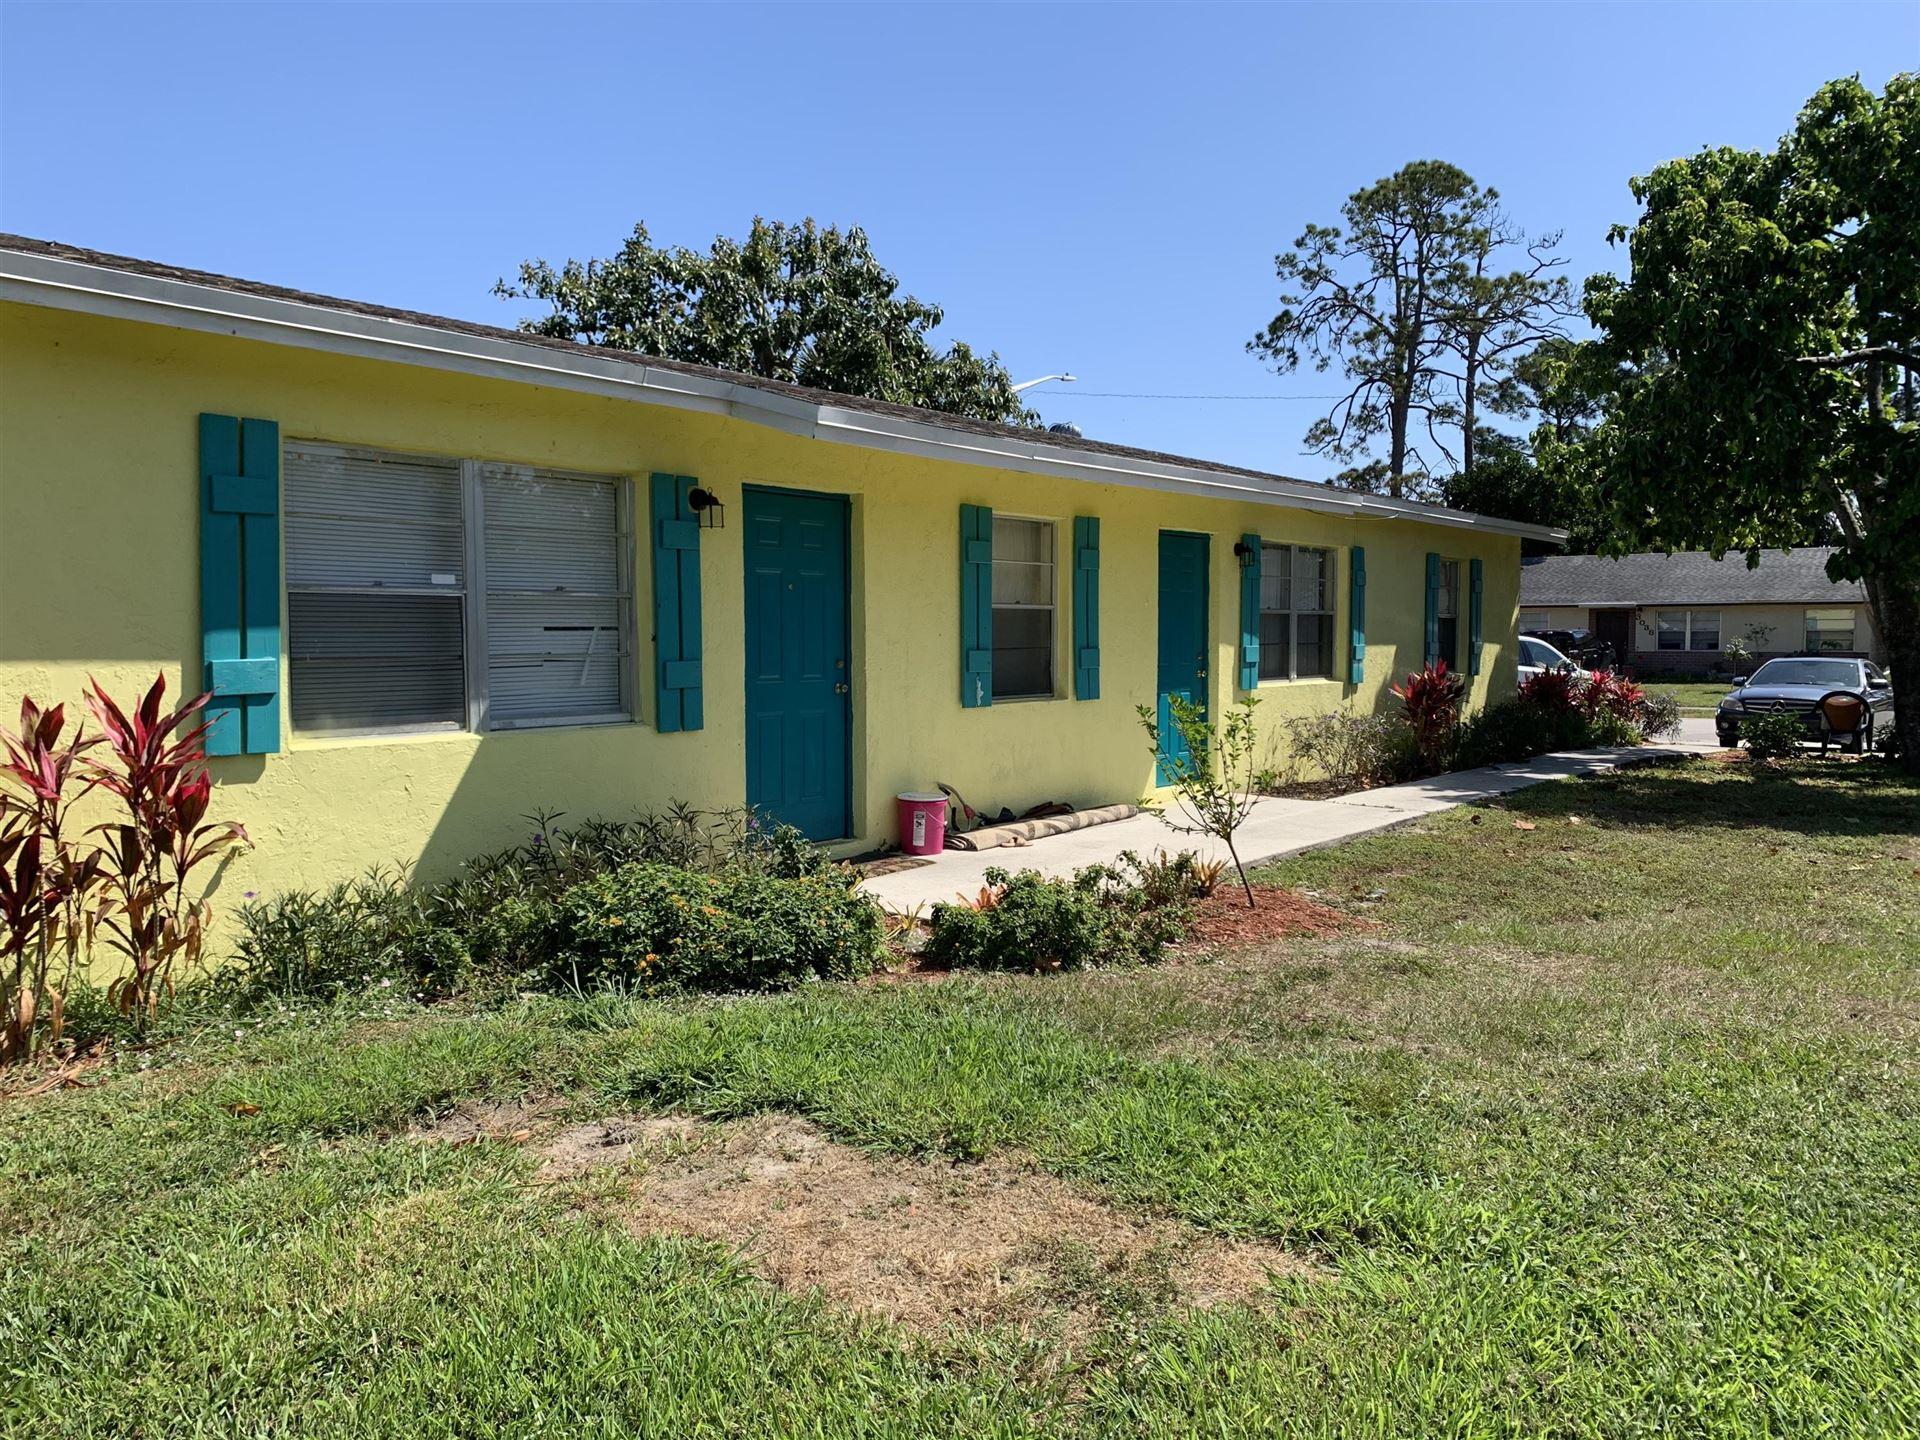 3029 Martin Avenue, Greenacres, FL 33463 - MLS#: RX-10716855